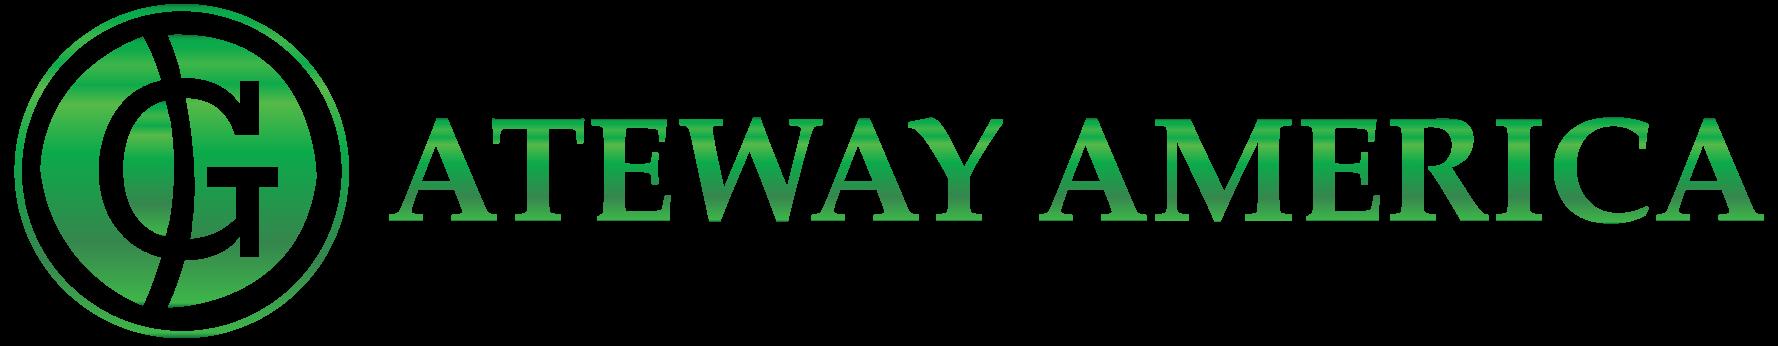 Gateway America